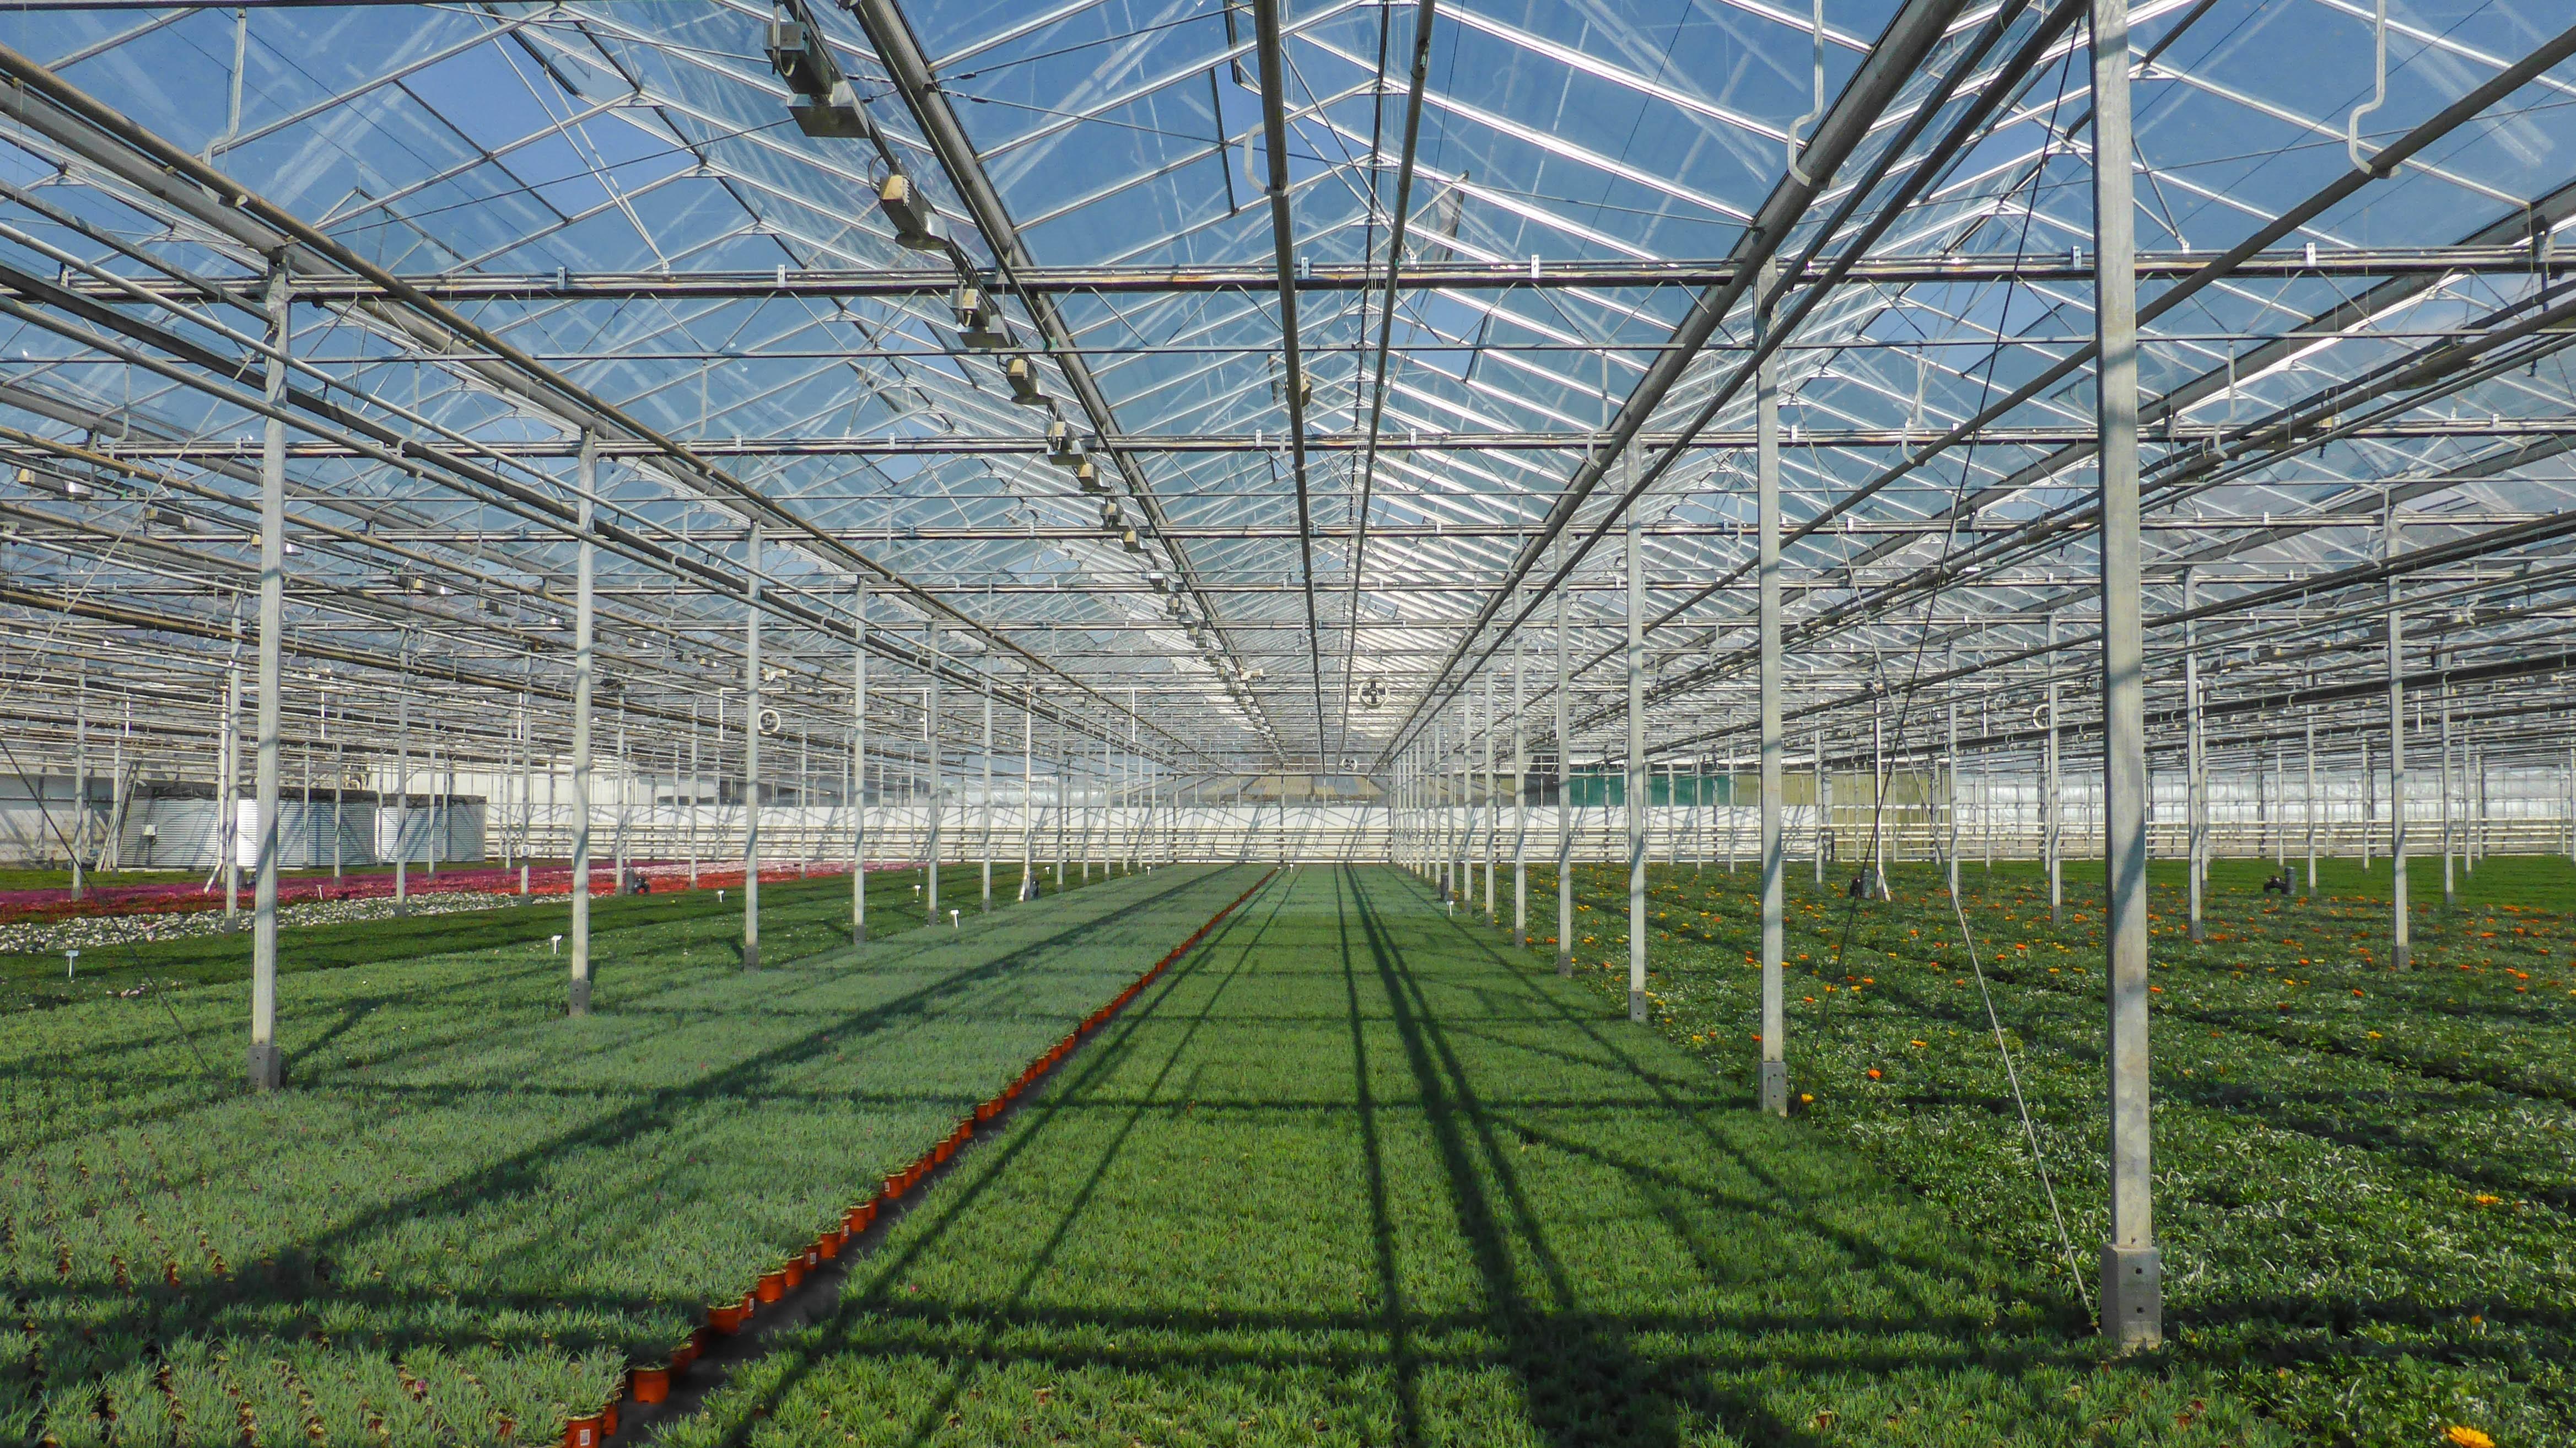 Ulovlige sprøjtegifte florerer bredt i landbruget